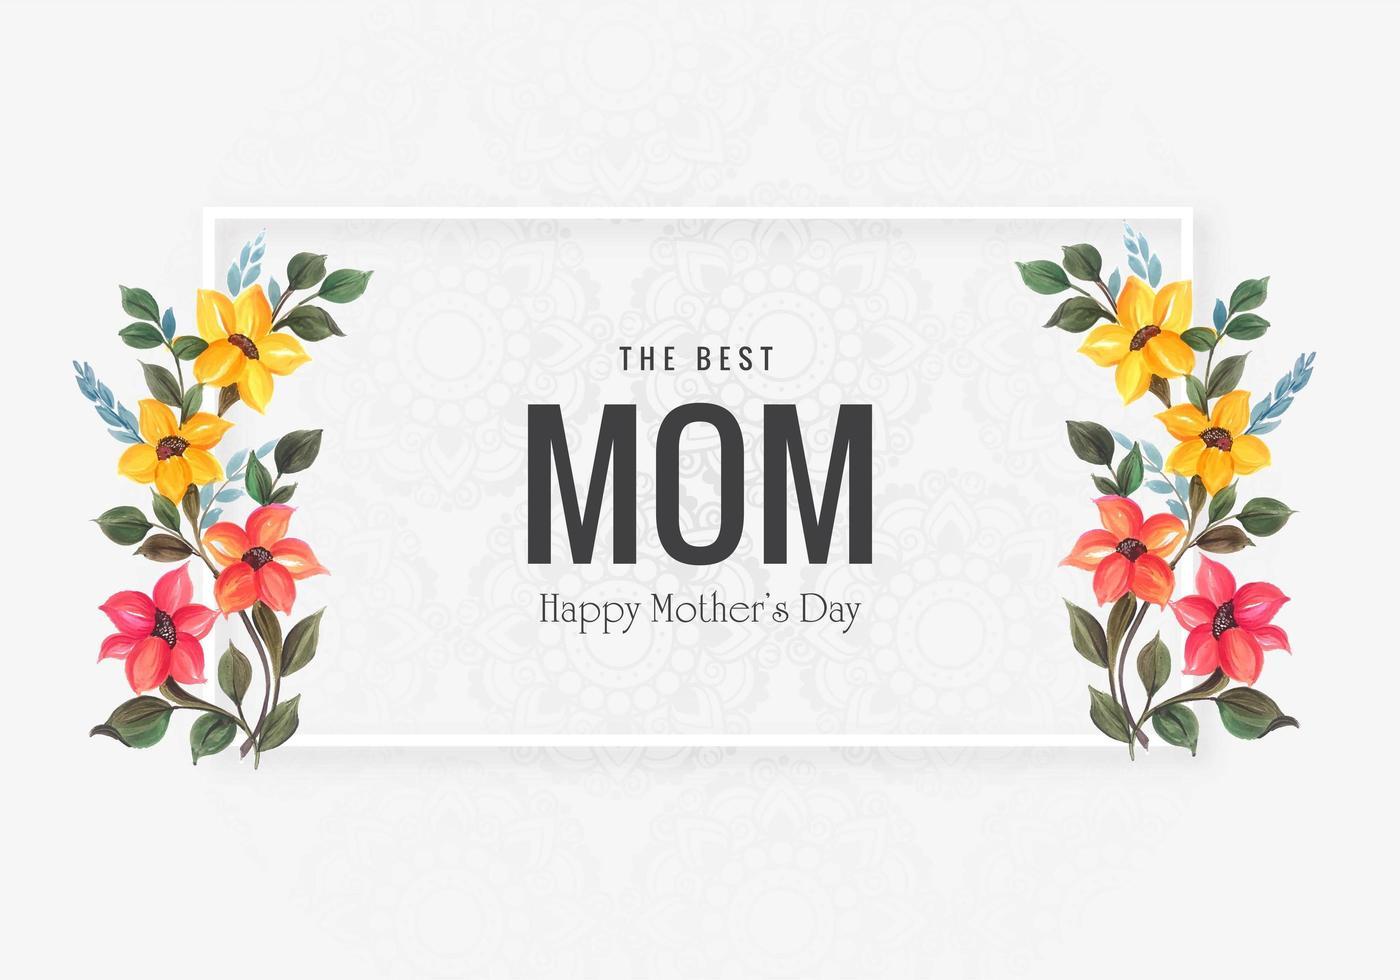 felice festa della mamma carta con fiori decorativi vettore